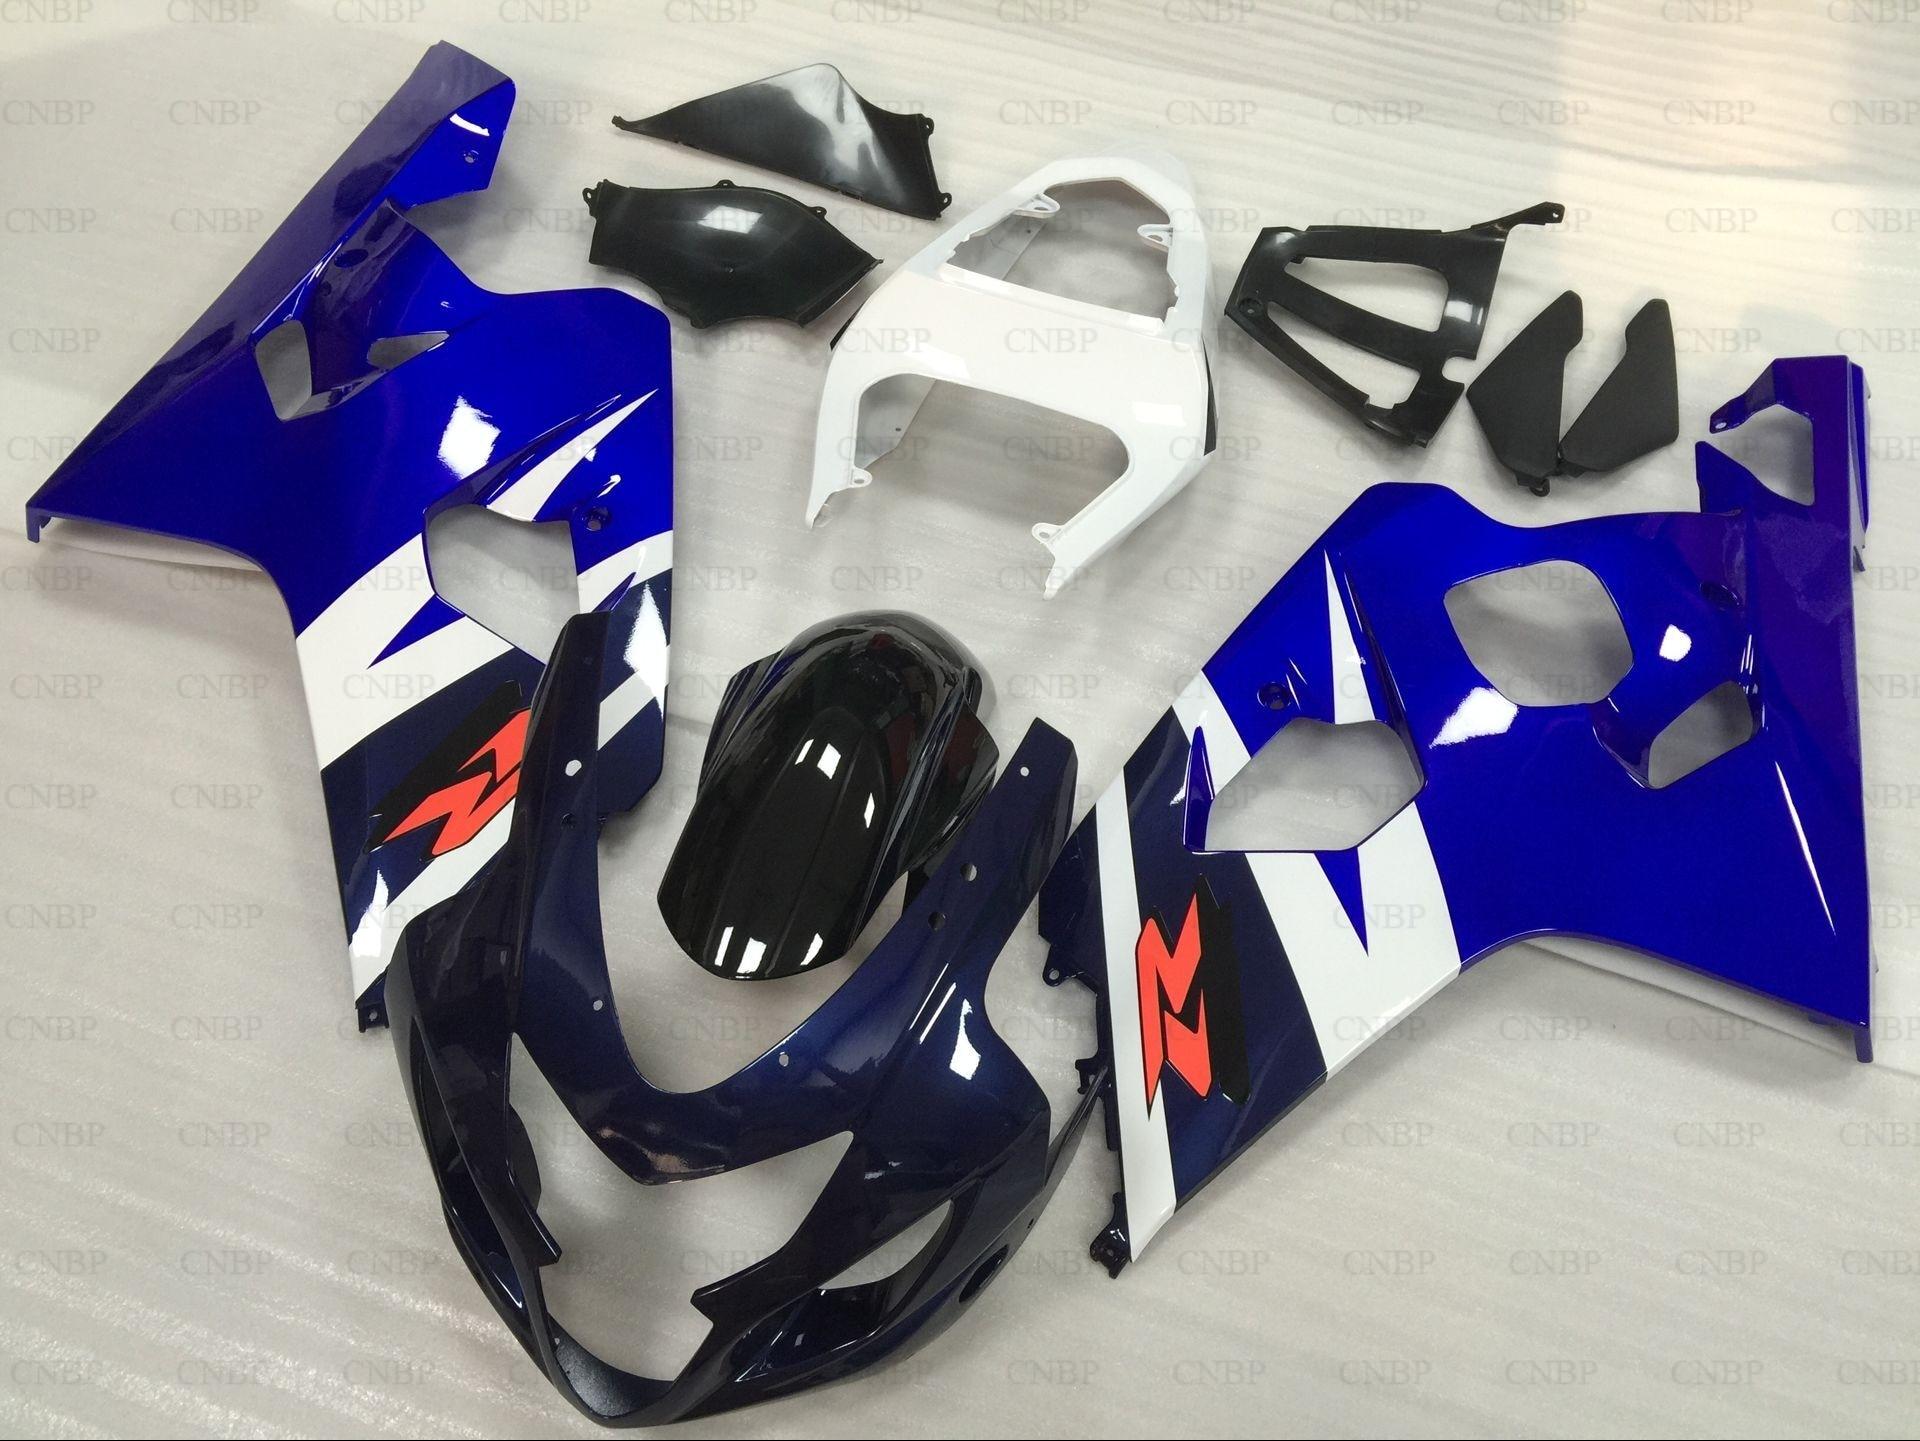 Abs обтекатель GSXR750 2005 Пластик Обтекатели GSX R750 2004 2004 2005 K4 синий черный всего тела Наборы GSX R600 04